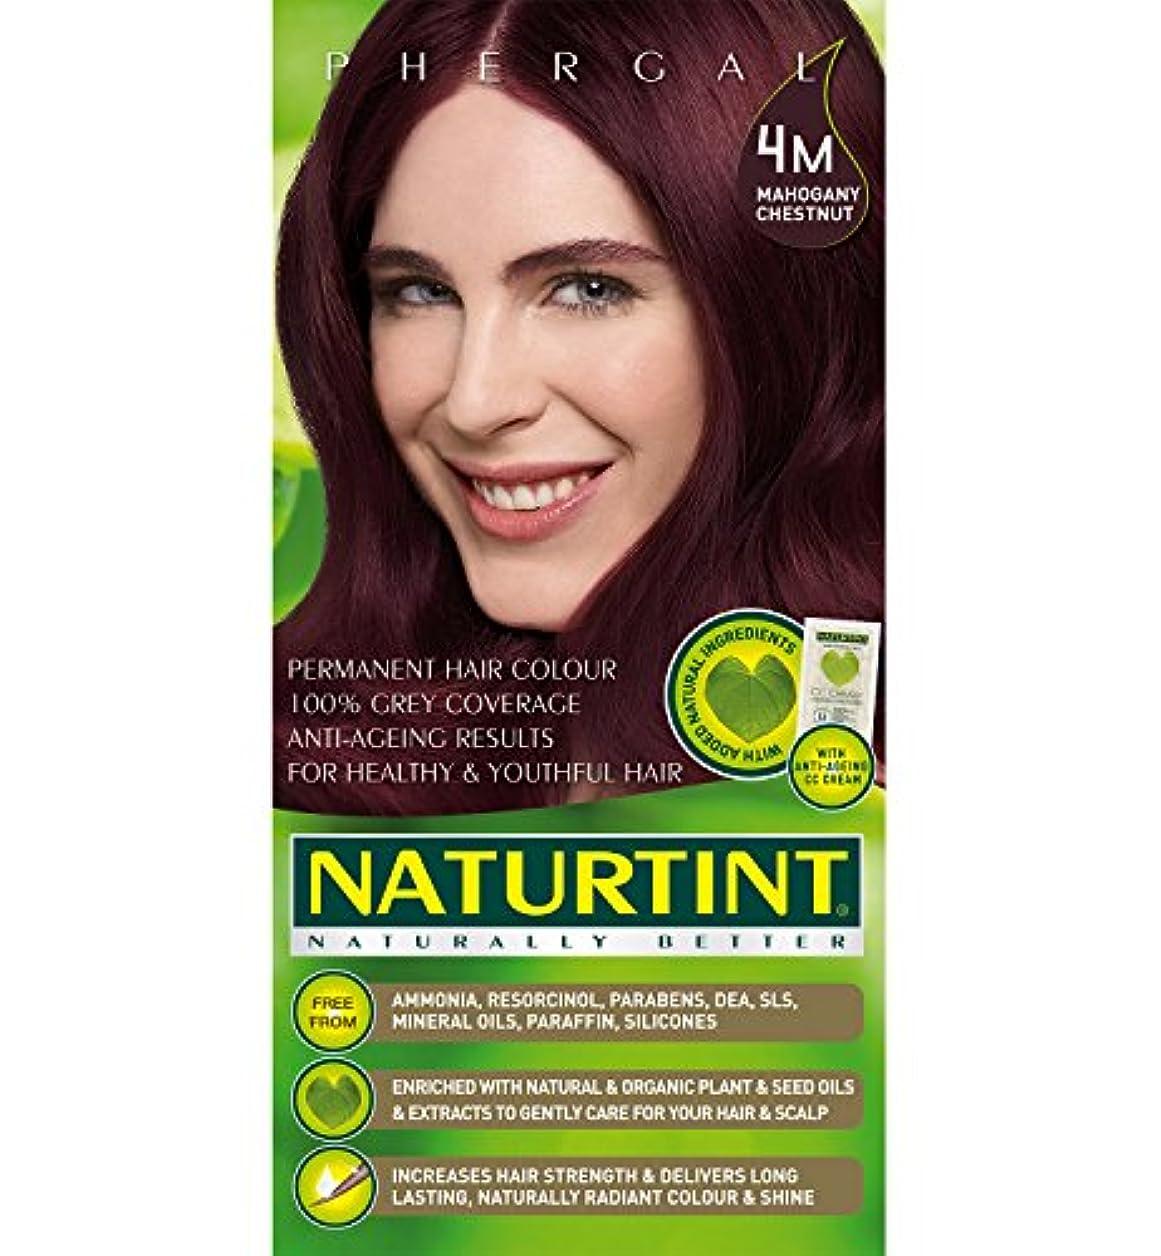 裁判官災難美しいNaturtint Hair Color 4M Mahogany Chestnut Count (並行輸入品)